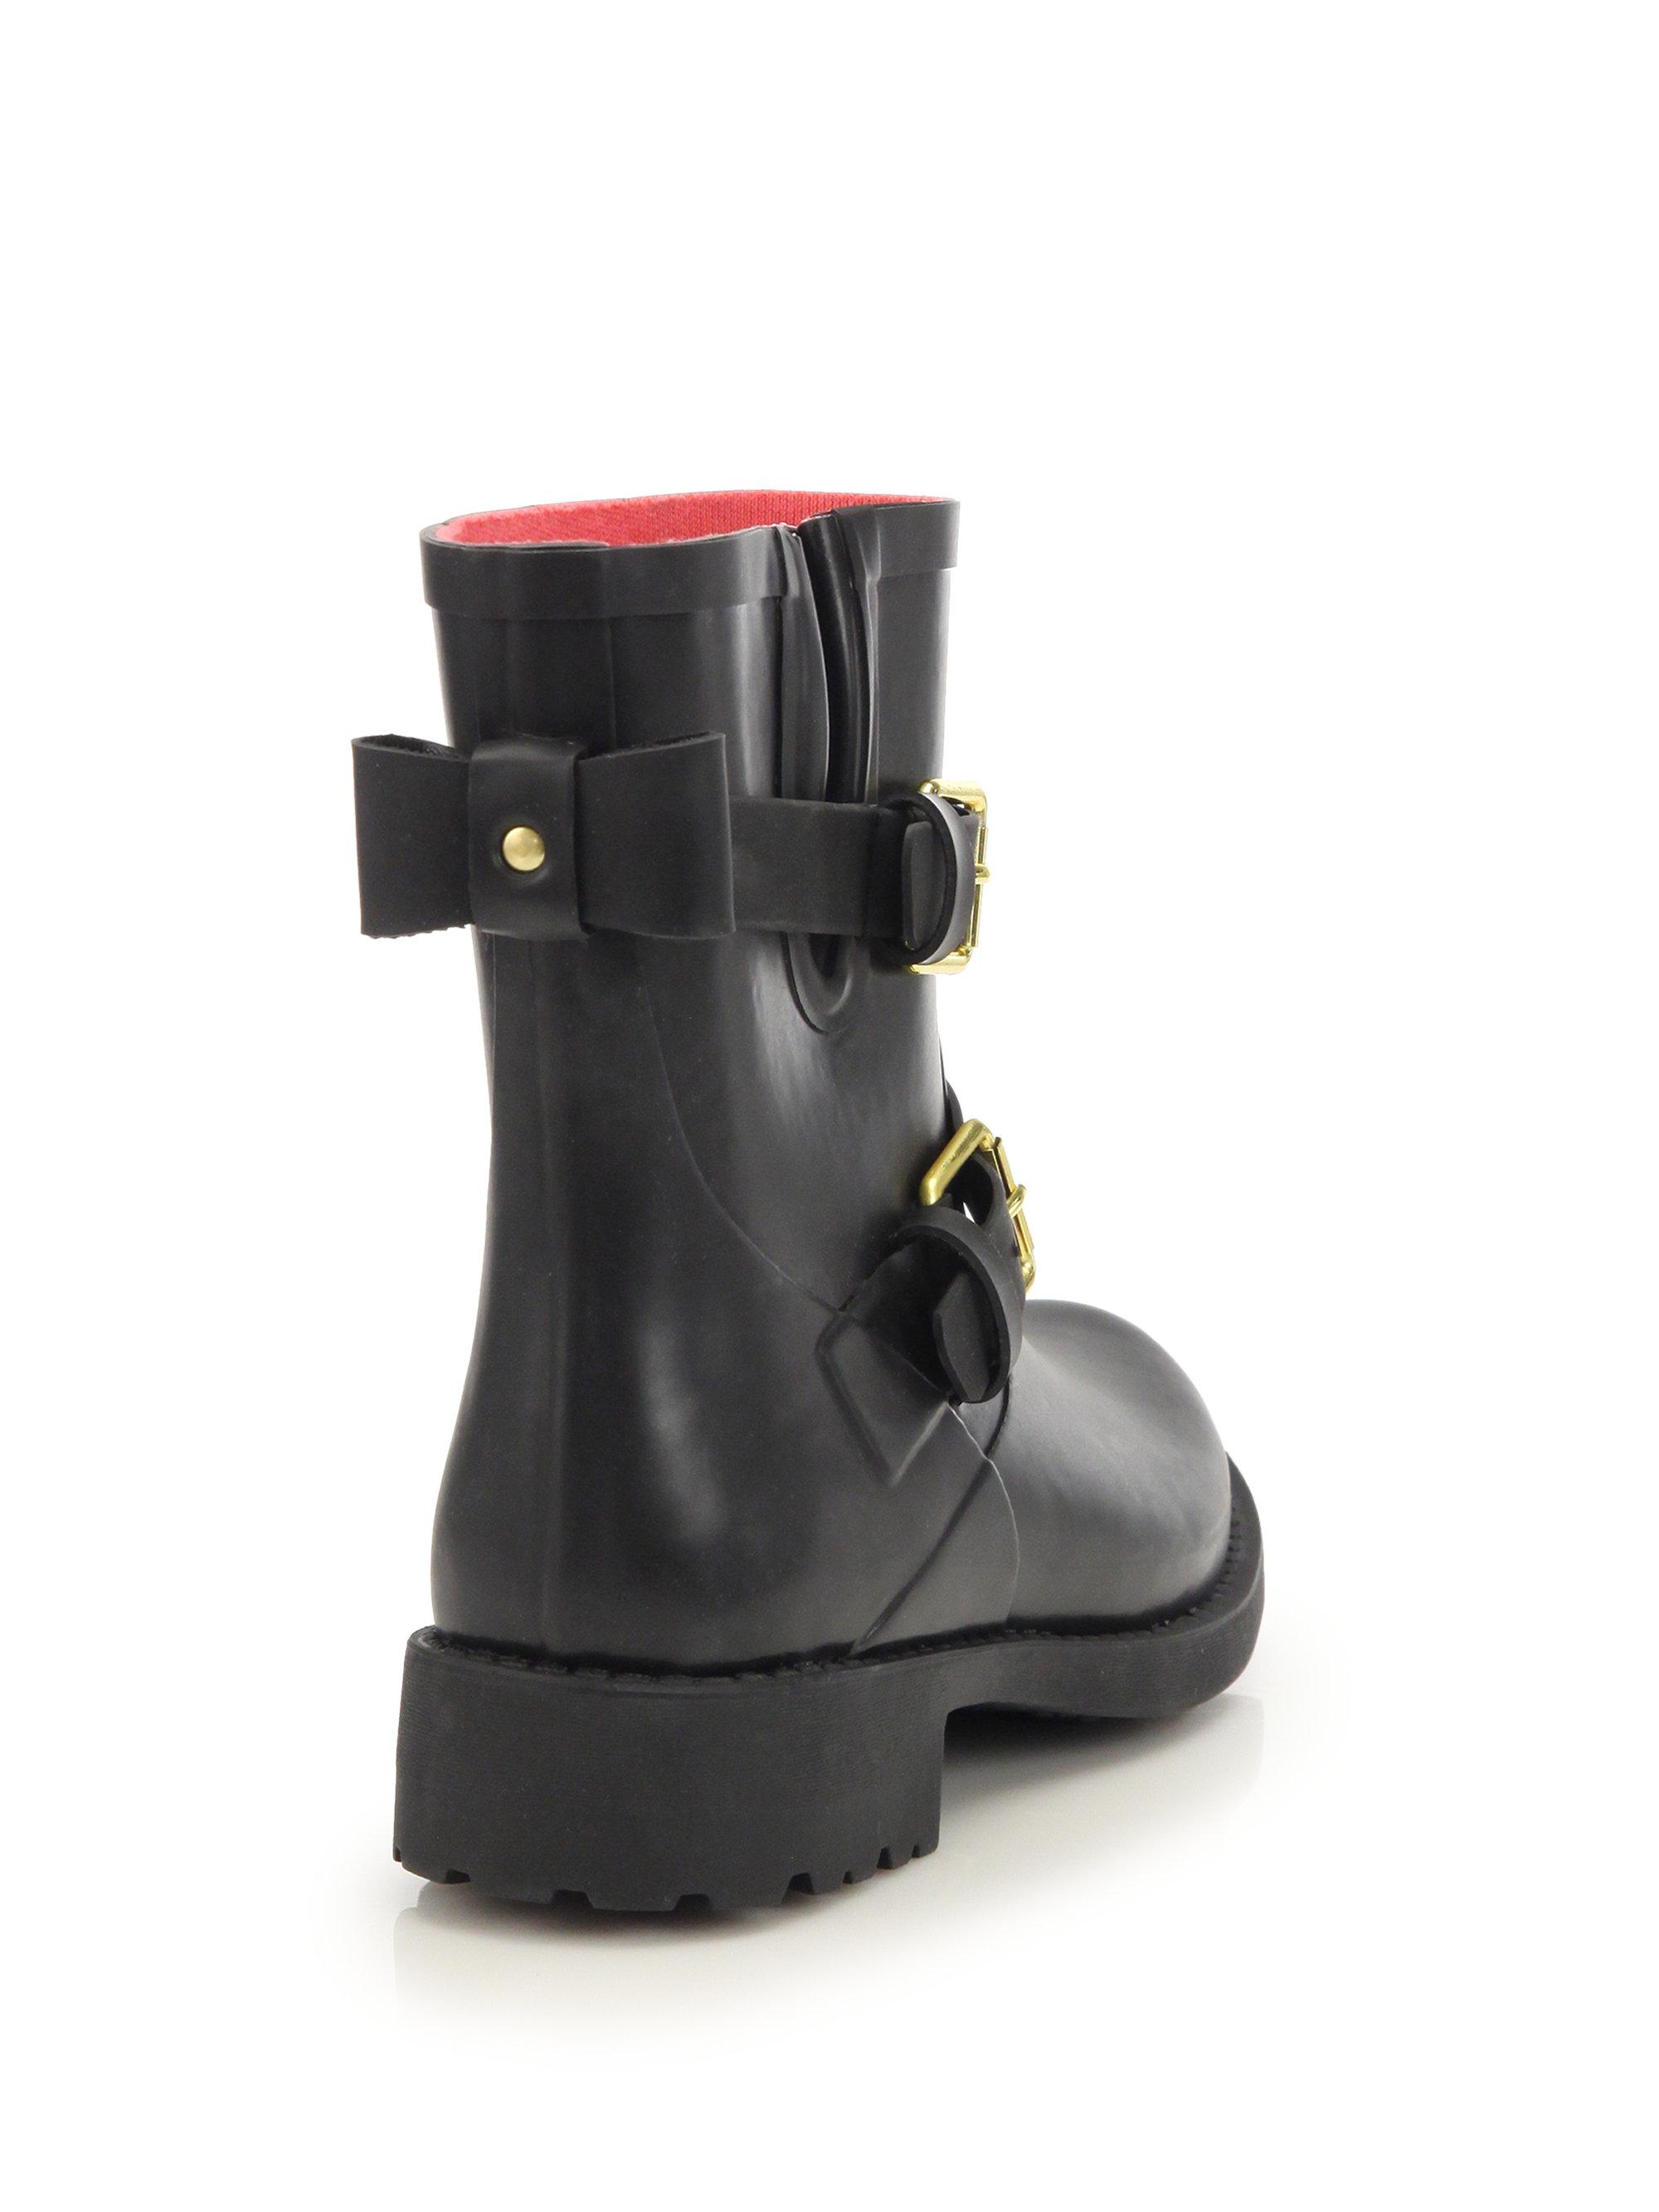 07f00985934d Lyst - Kate Spade Pamela Rubber Rain Boots in Black